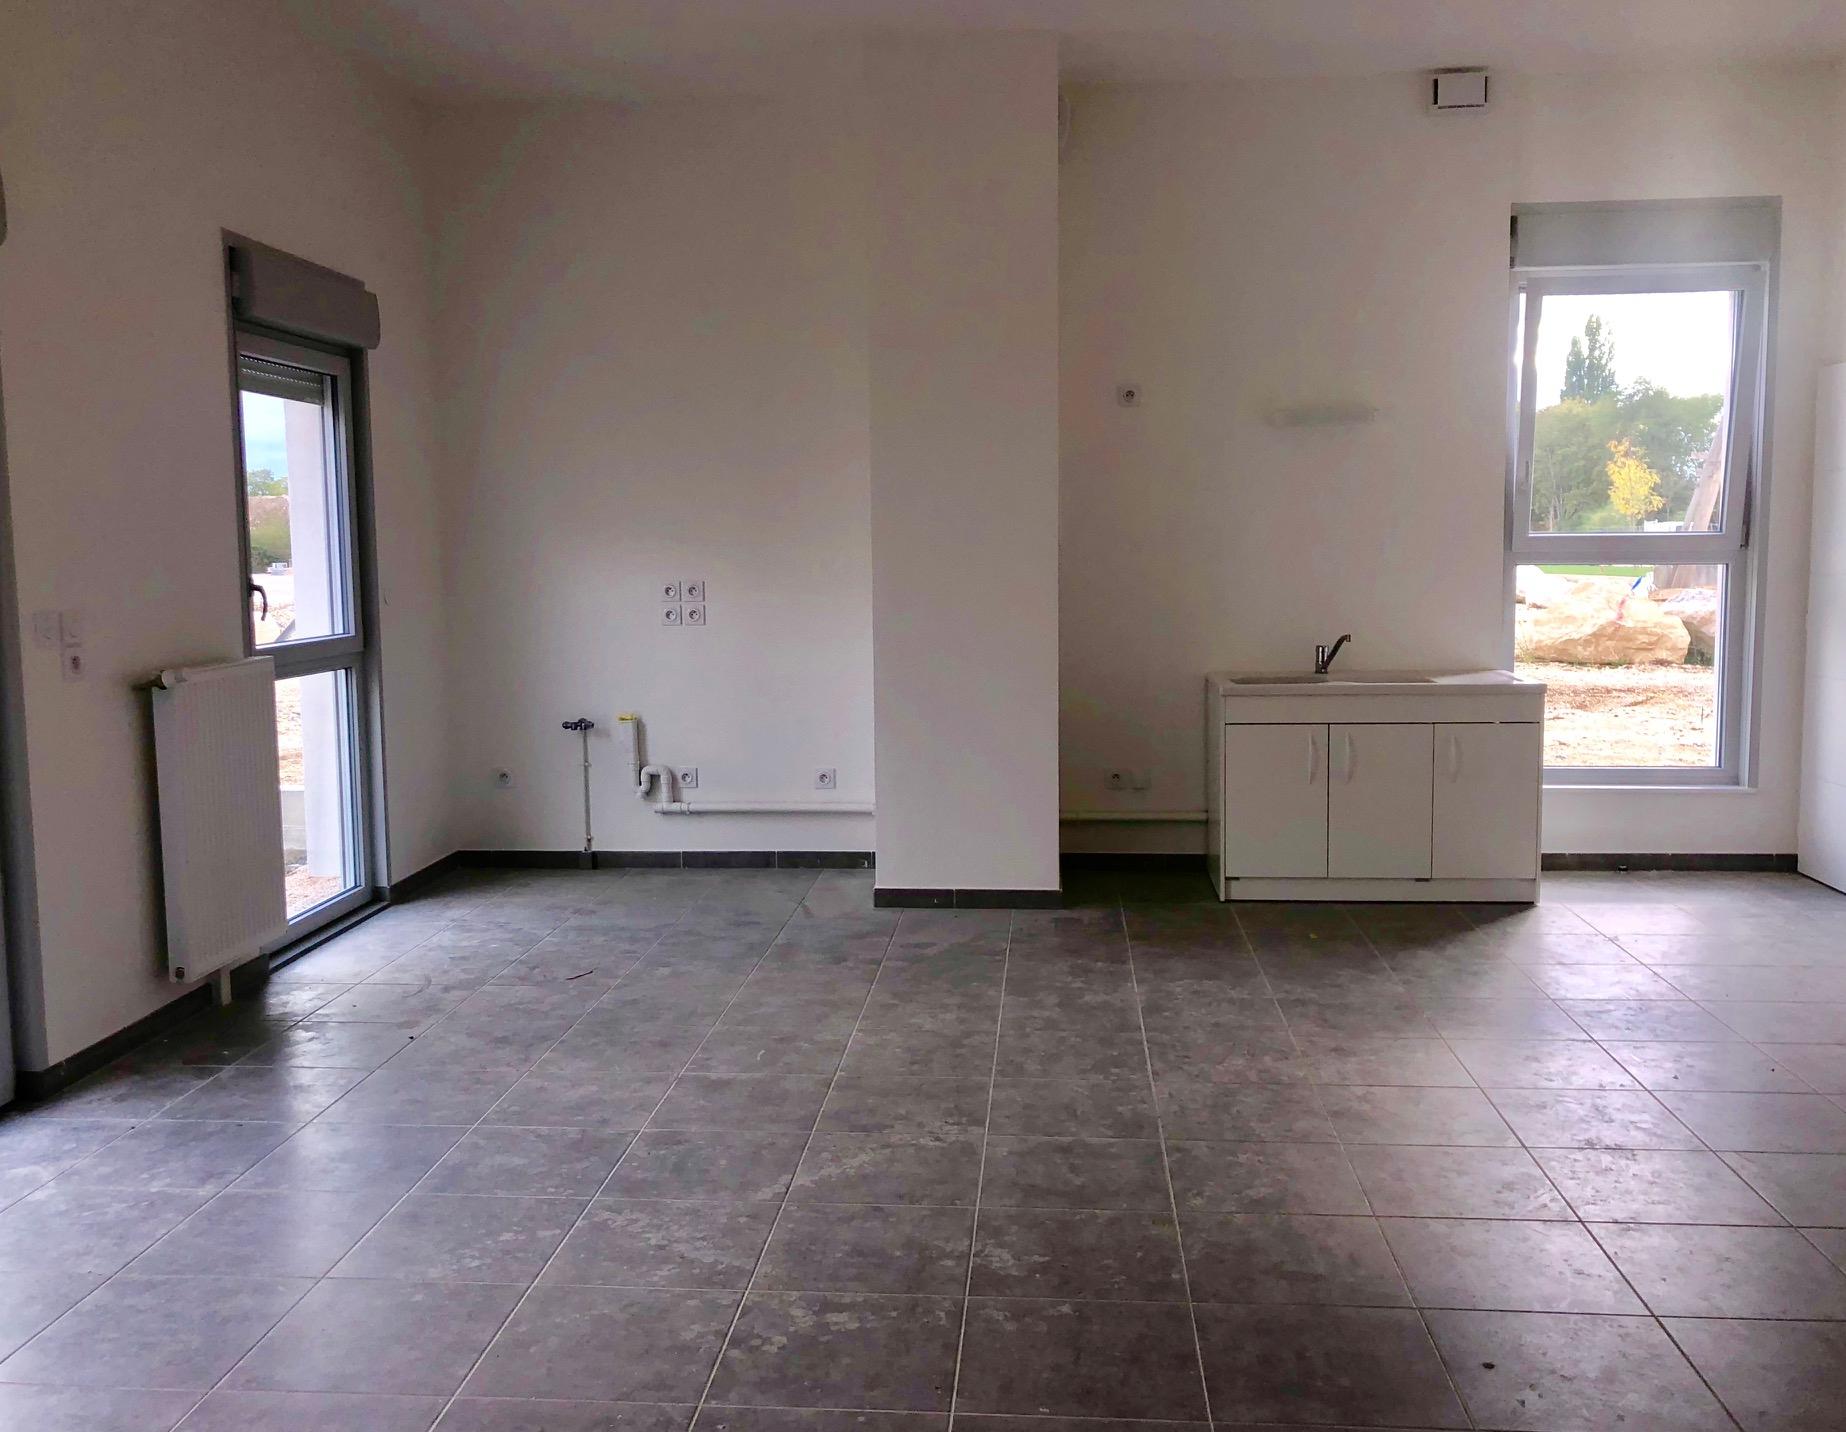 Appartement T5 Avec Jardin Nouvel'r | Habellis avec Location Rez De Jardin Dijon